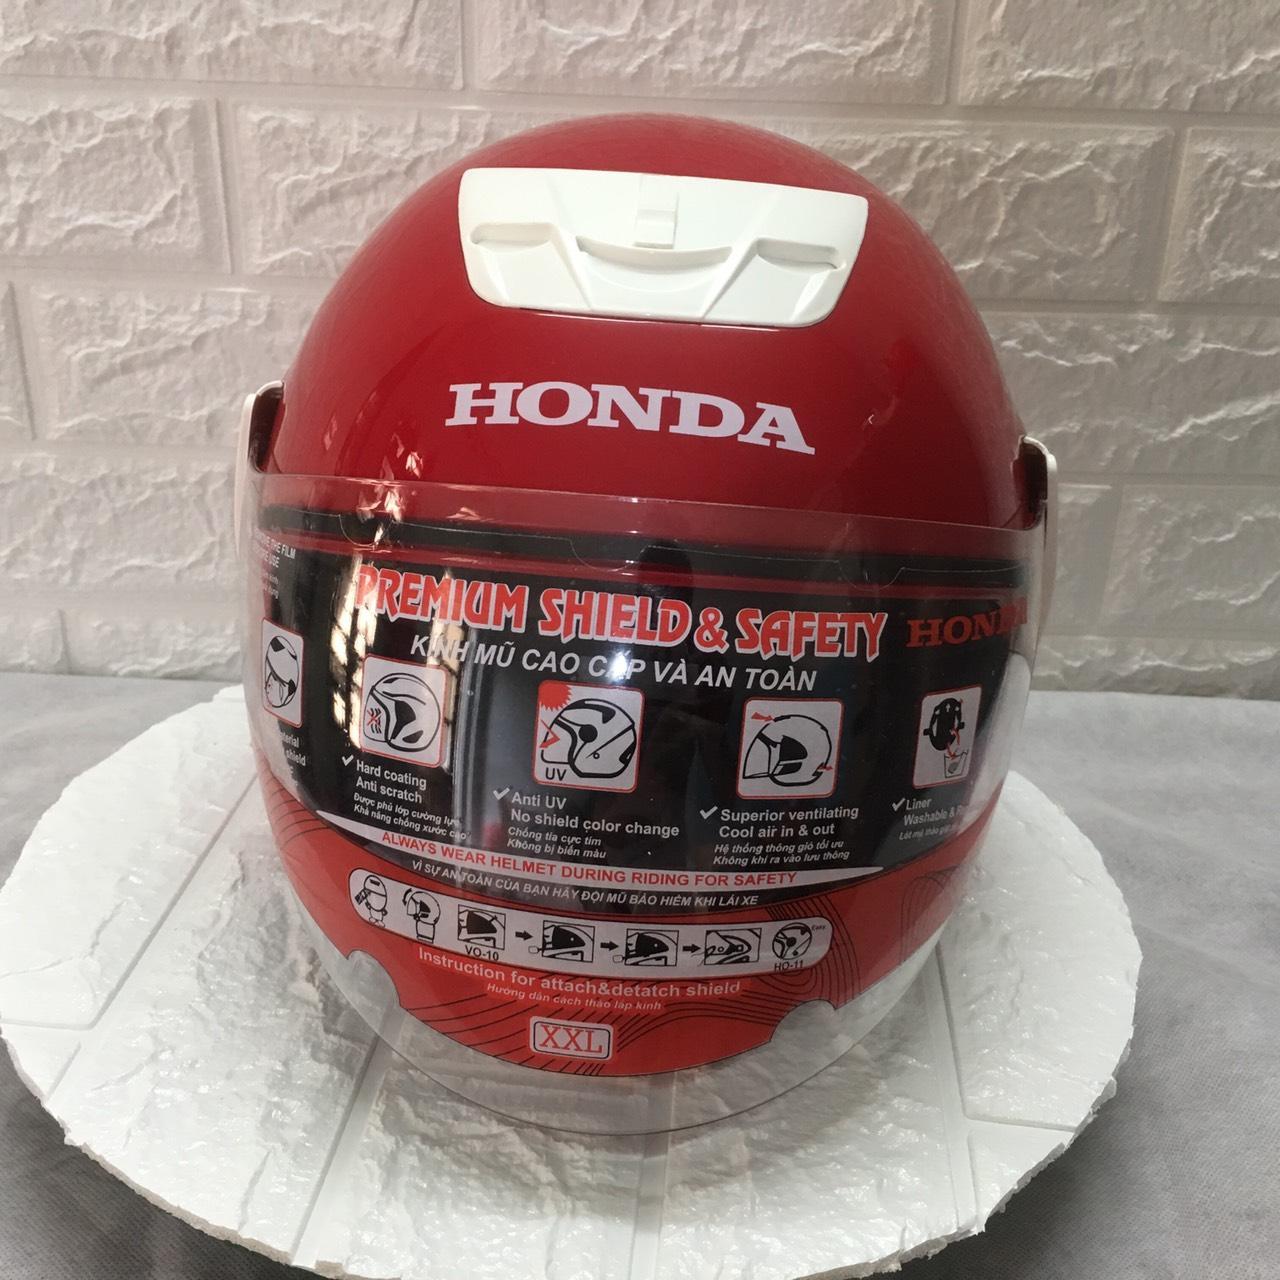 Chương Trình Ưu Đãi cho Mũ Bảo Hiểm Honda đỏ